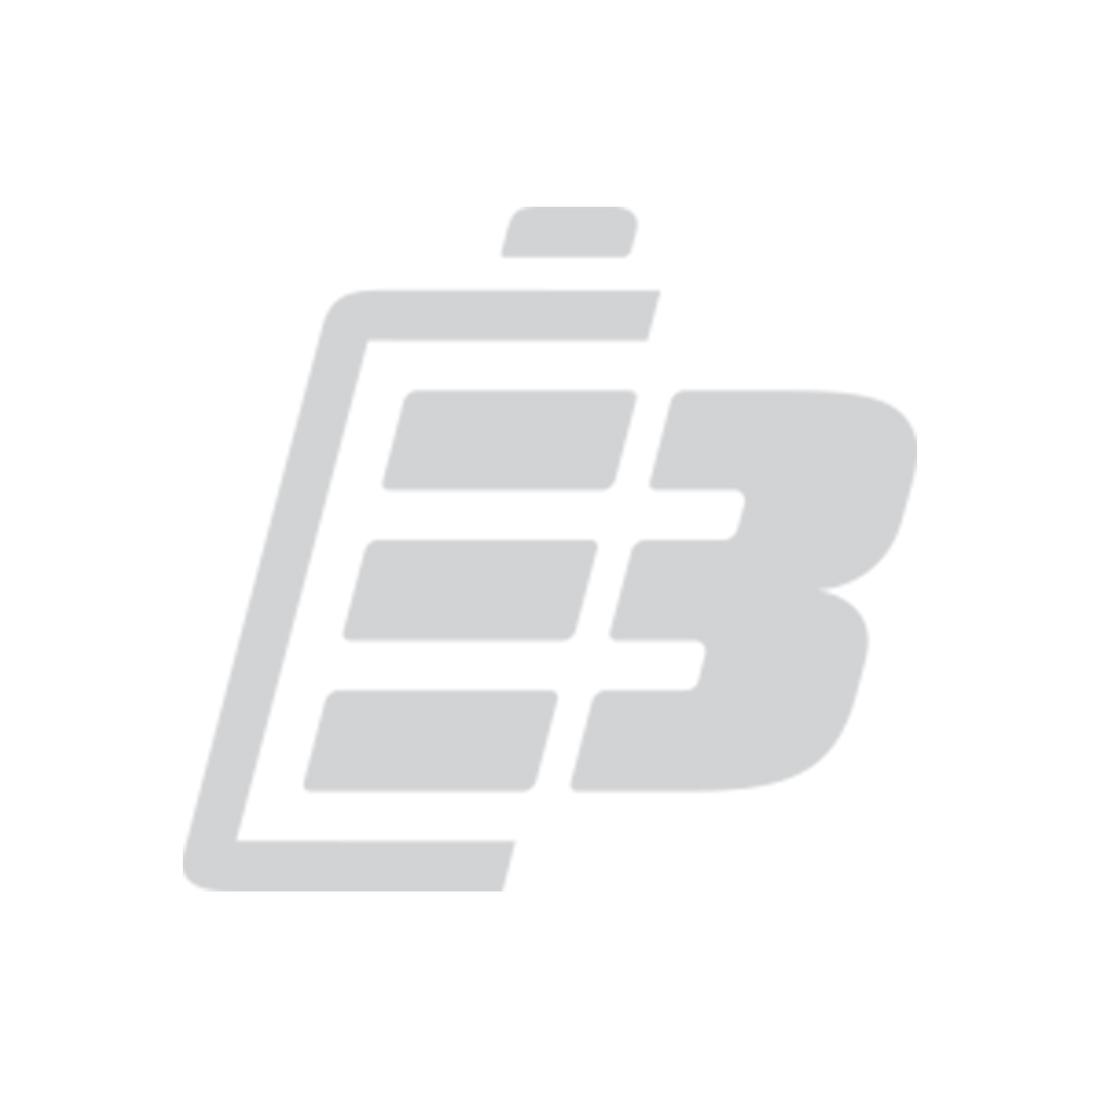 Μπαταρια προφορτισμενη panasonic Eneloop AA 2500mah 1